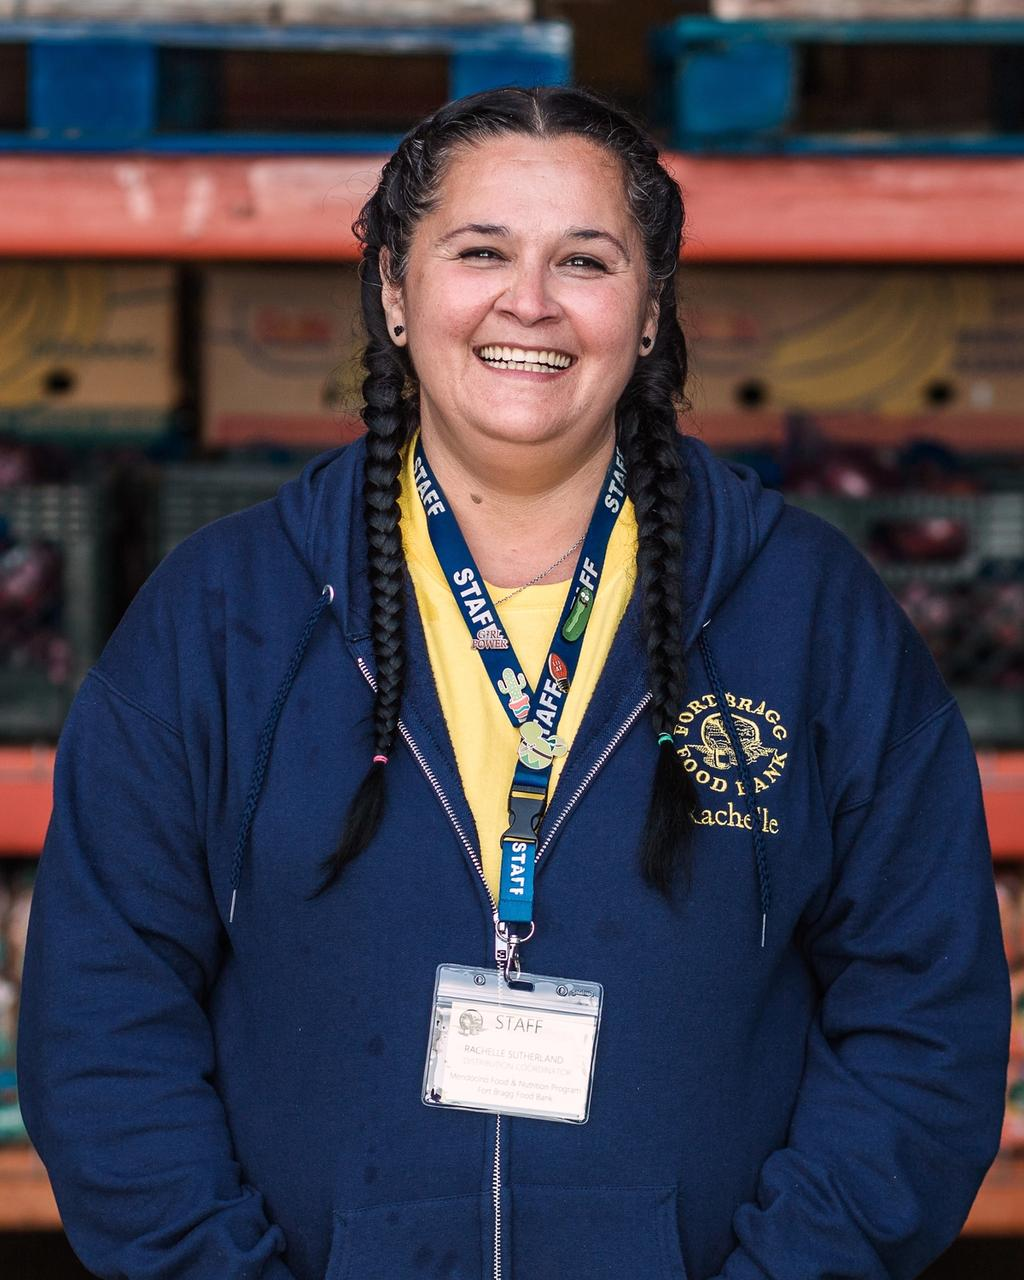 Rachelle Sutherland, Outreach Coordinator